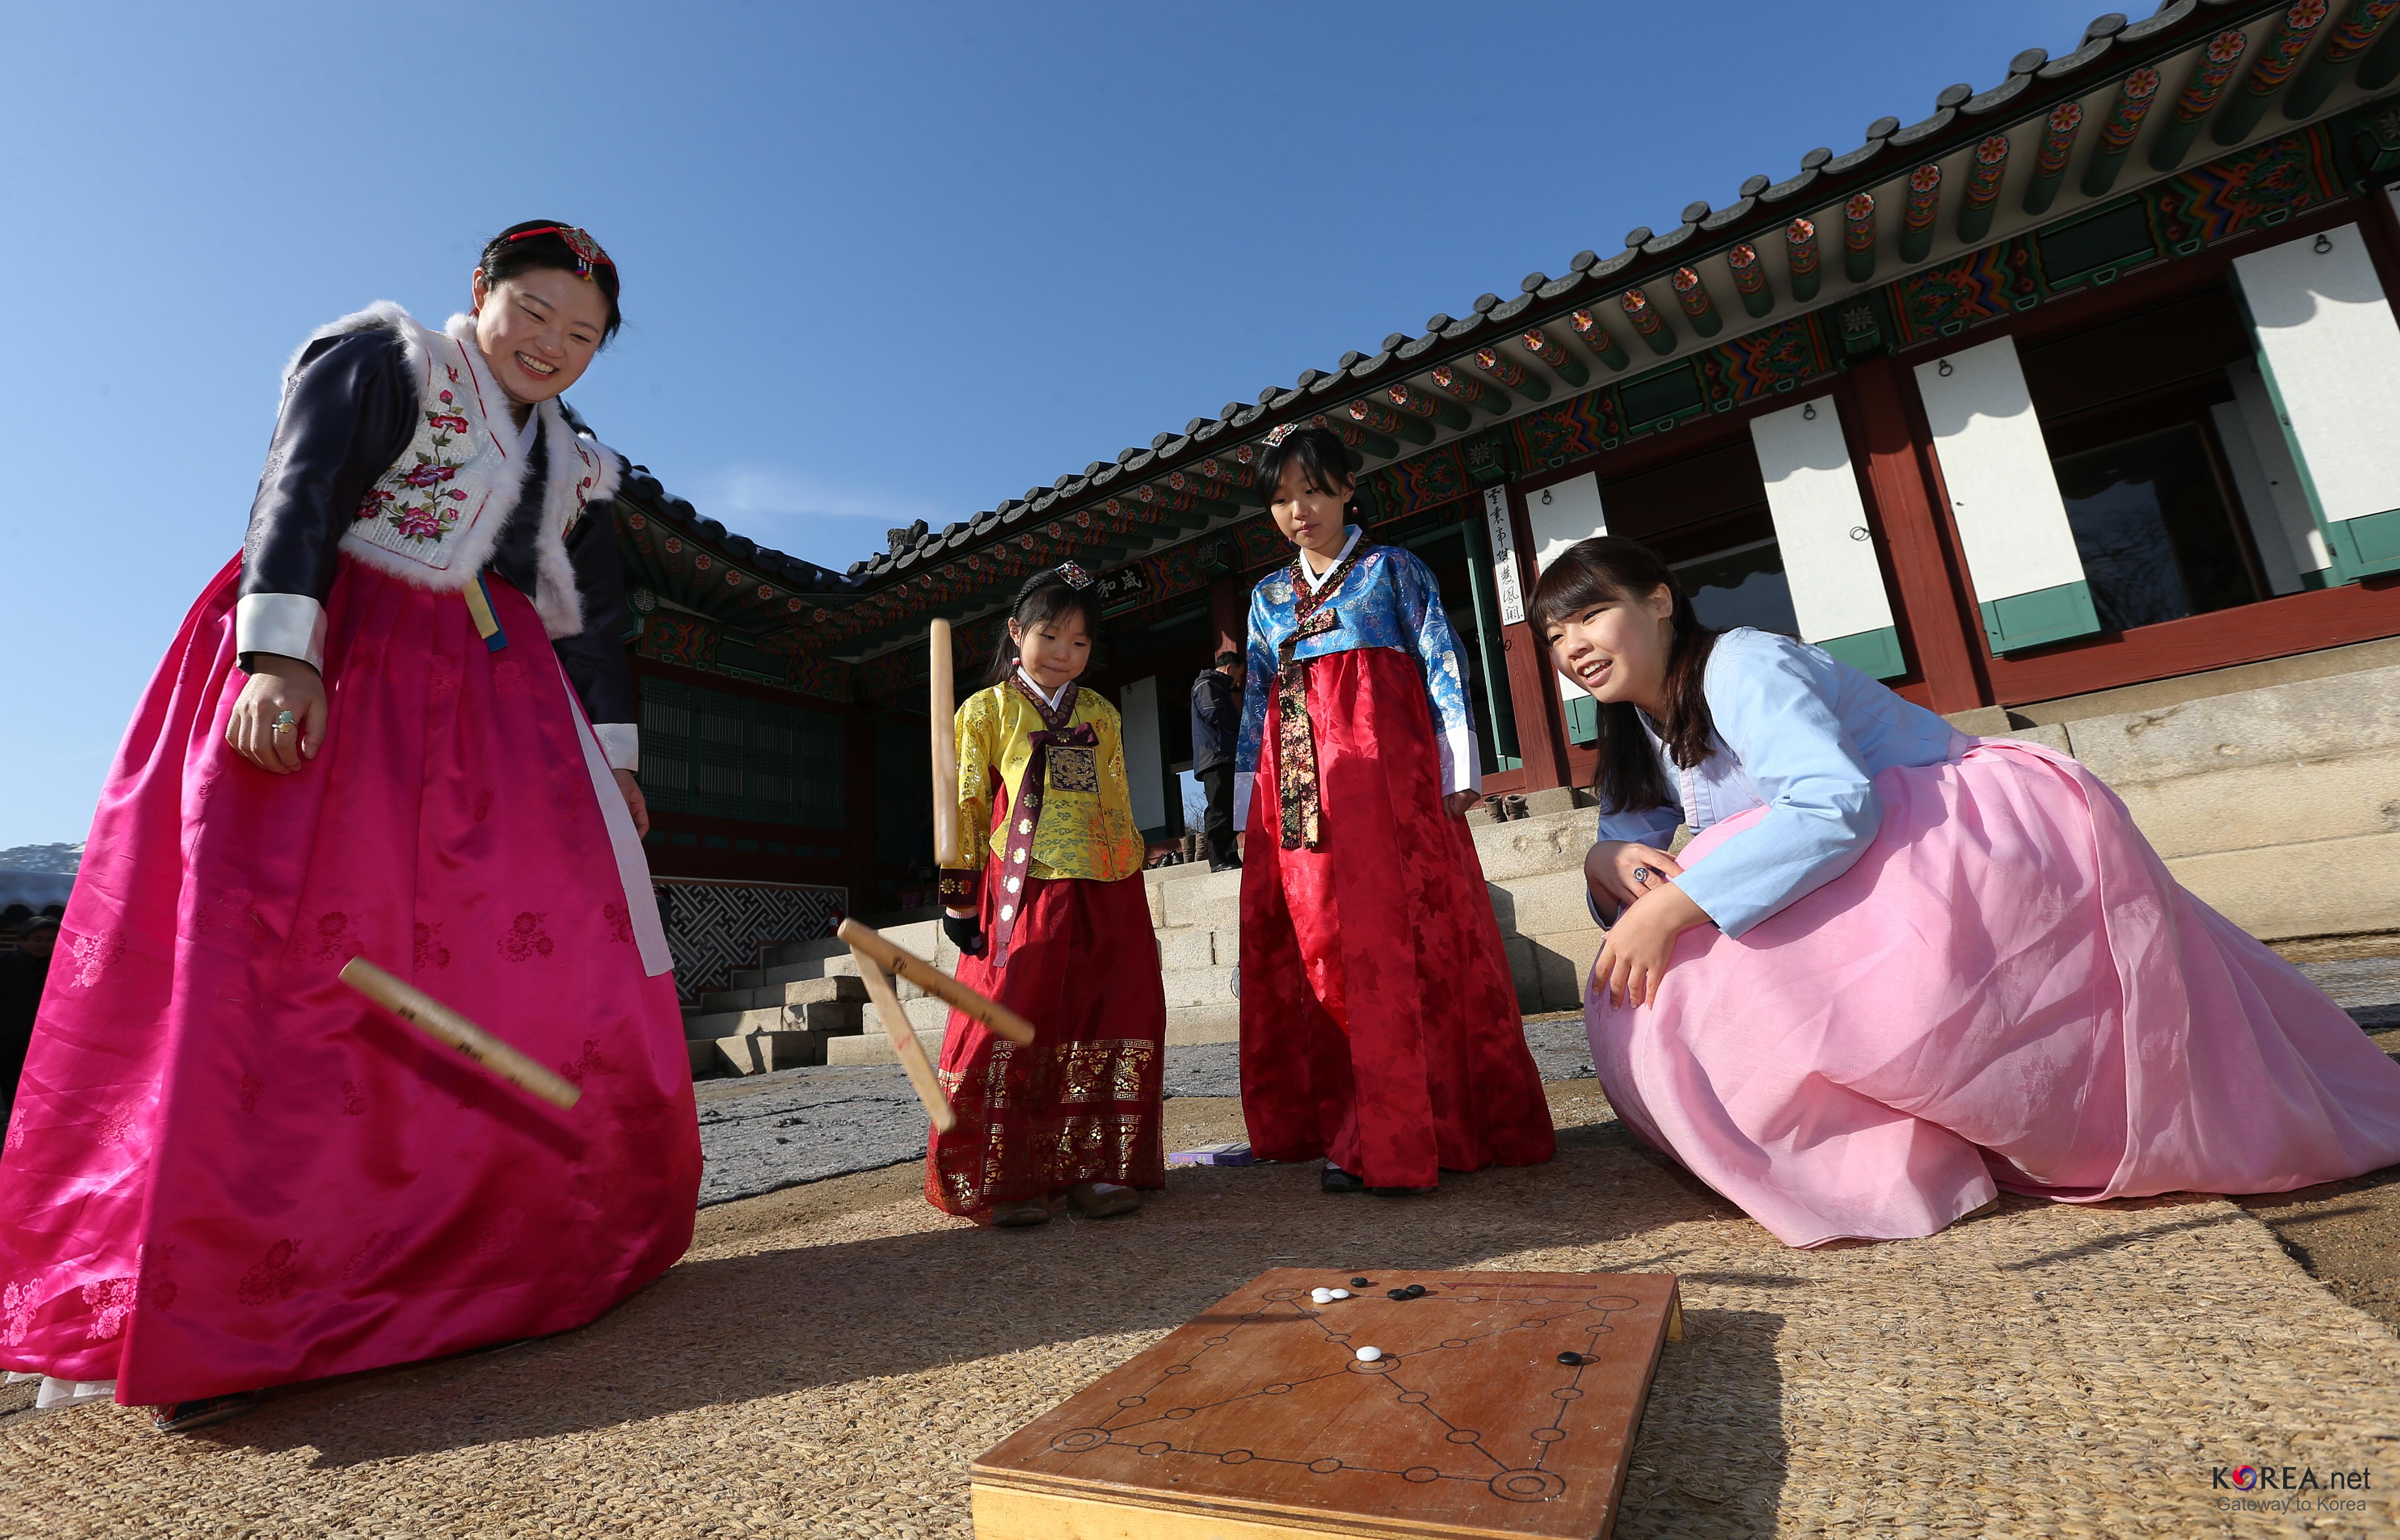 Korean New Year   Wikipedia